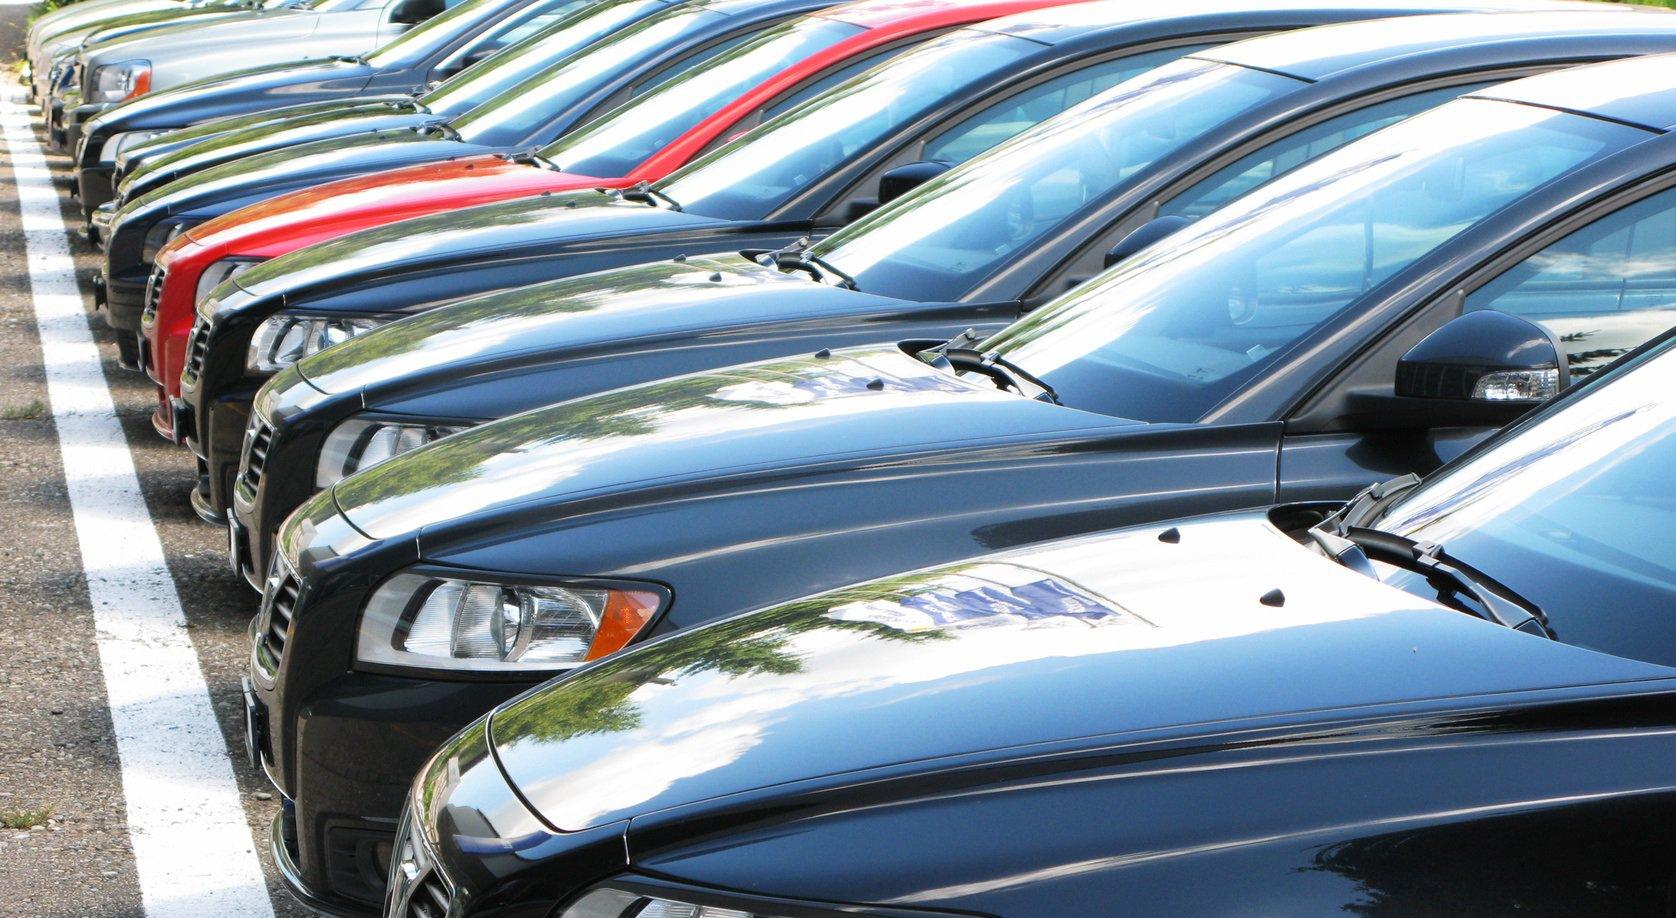 Татарстан вошел в Топ-10 самых крупных рынков подержанных авто в РФ